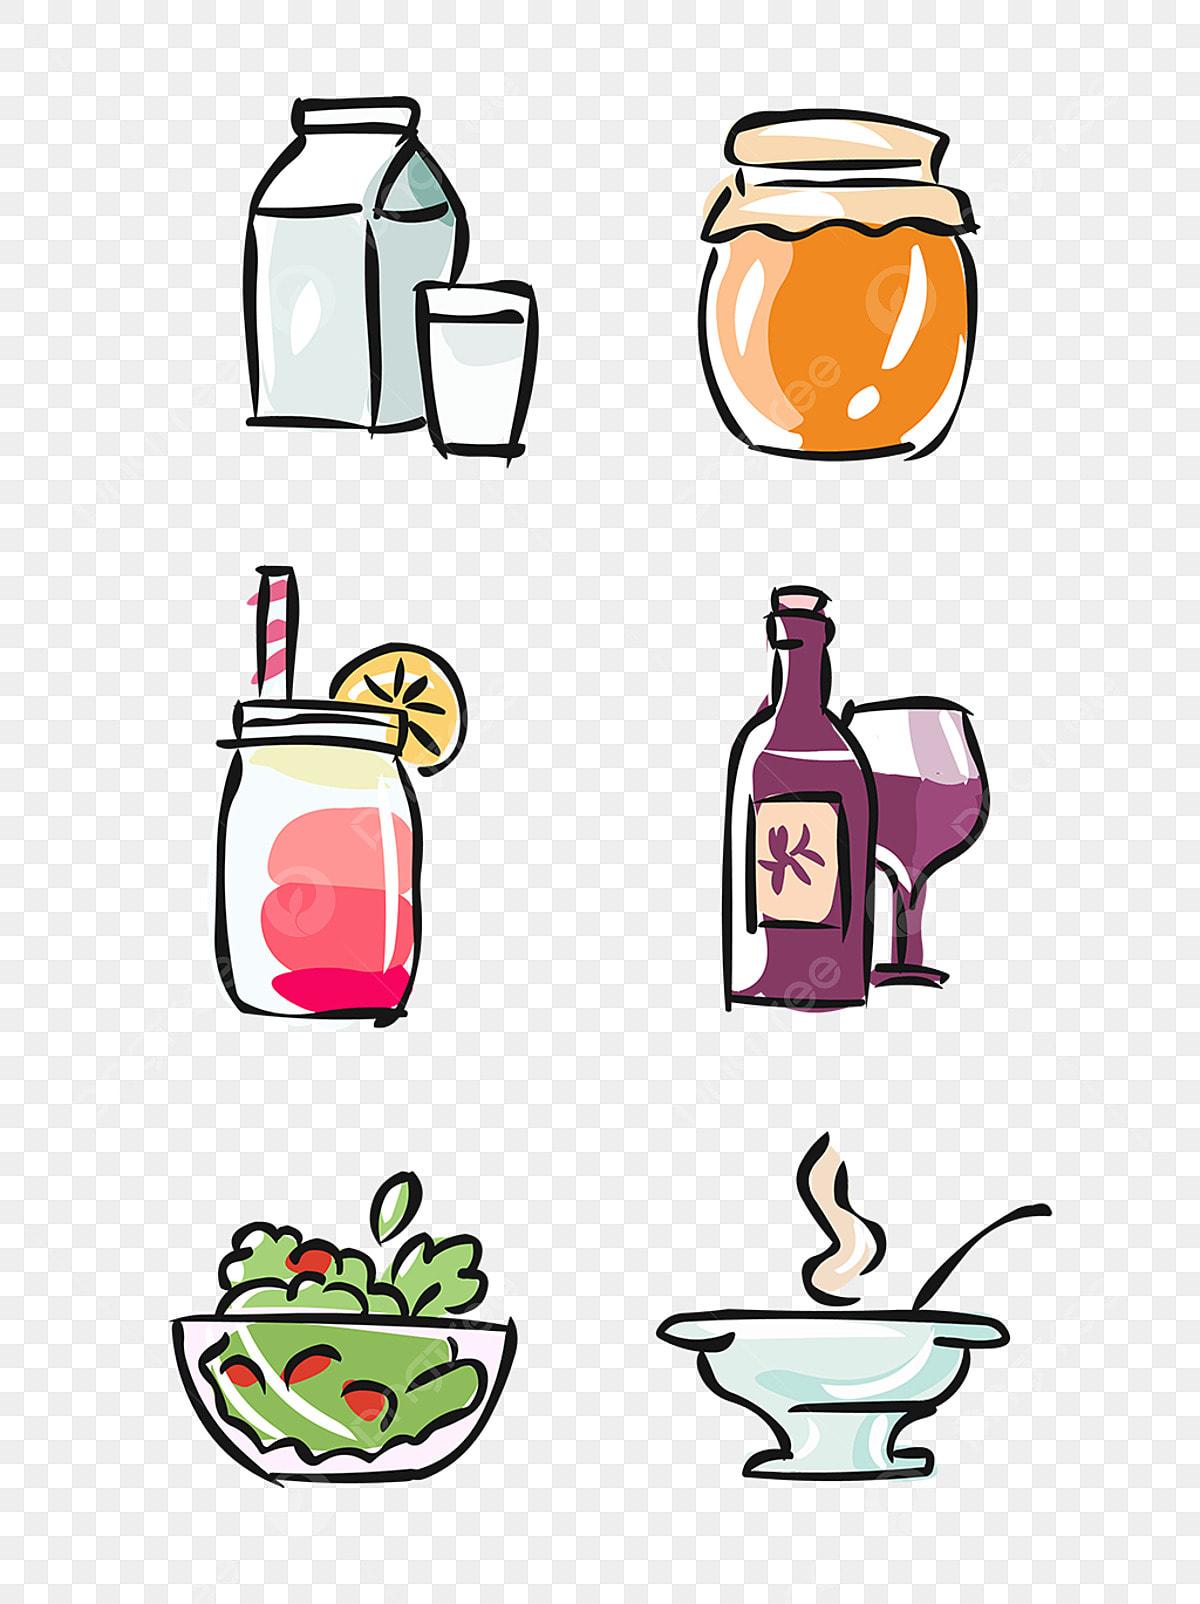 Unsur Makanan Tangan Ditarik Minuman Kartun Comel Makanan Kartun